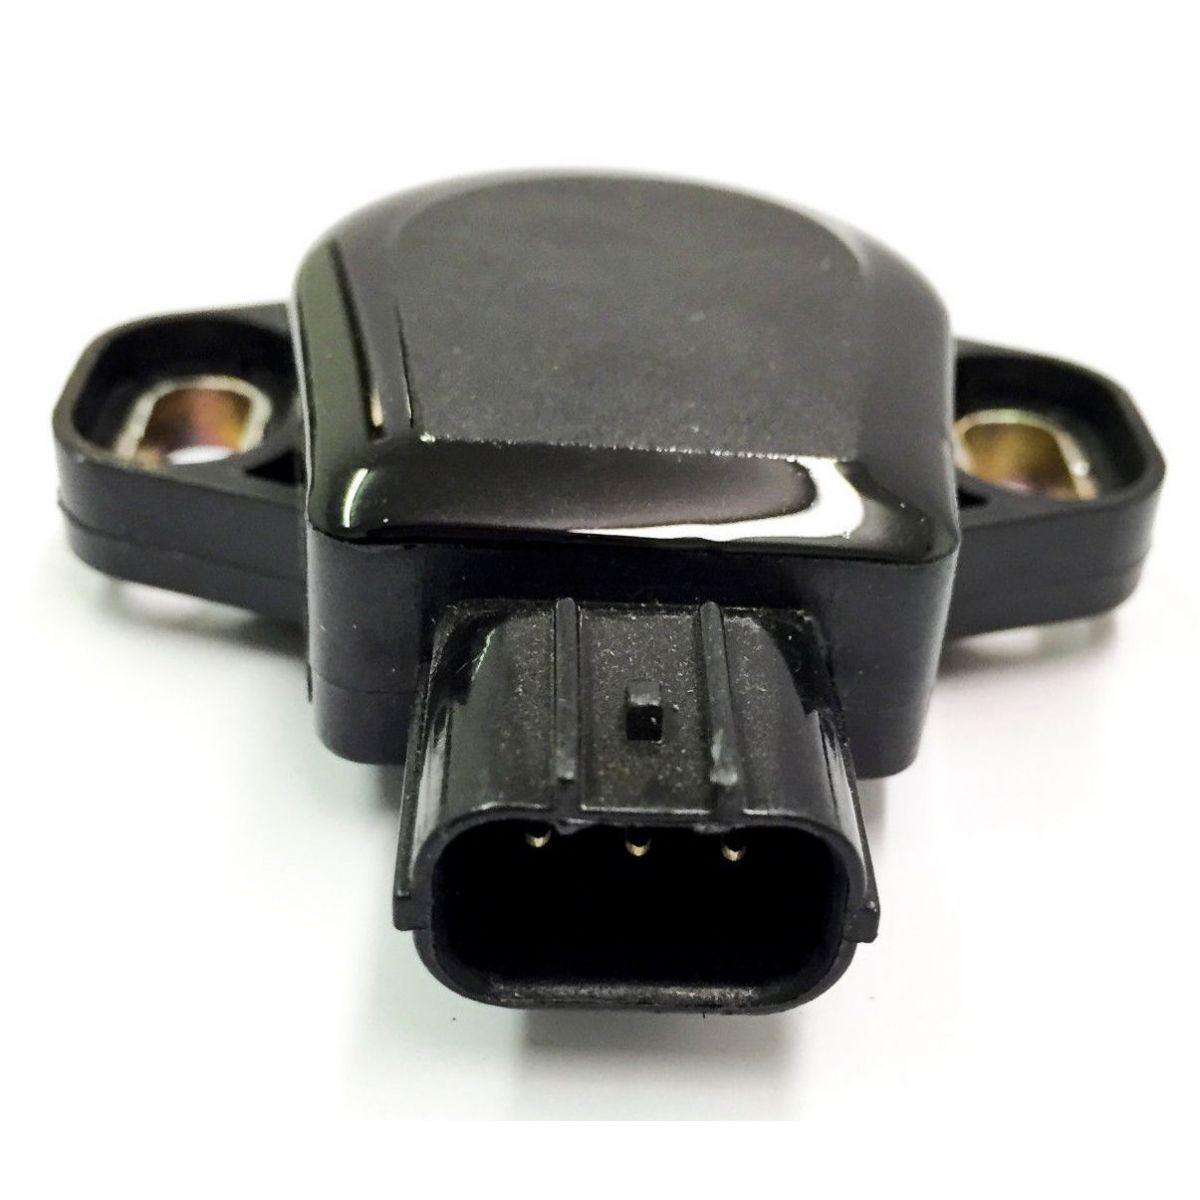 Sensor de Posicao Borboleta Hornet 600 Cbr600 Cbr1000 de 2008 à 2014 Original Keihin